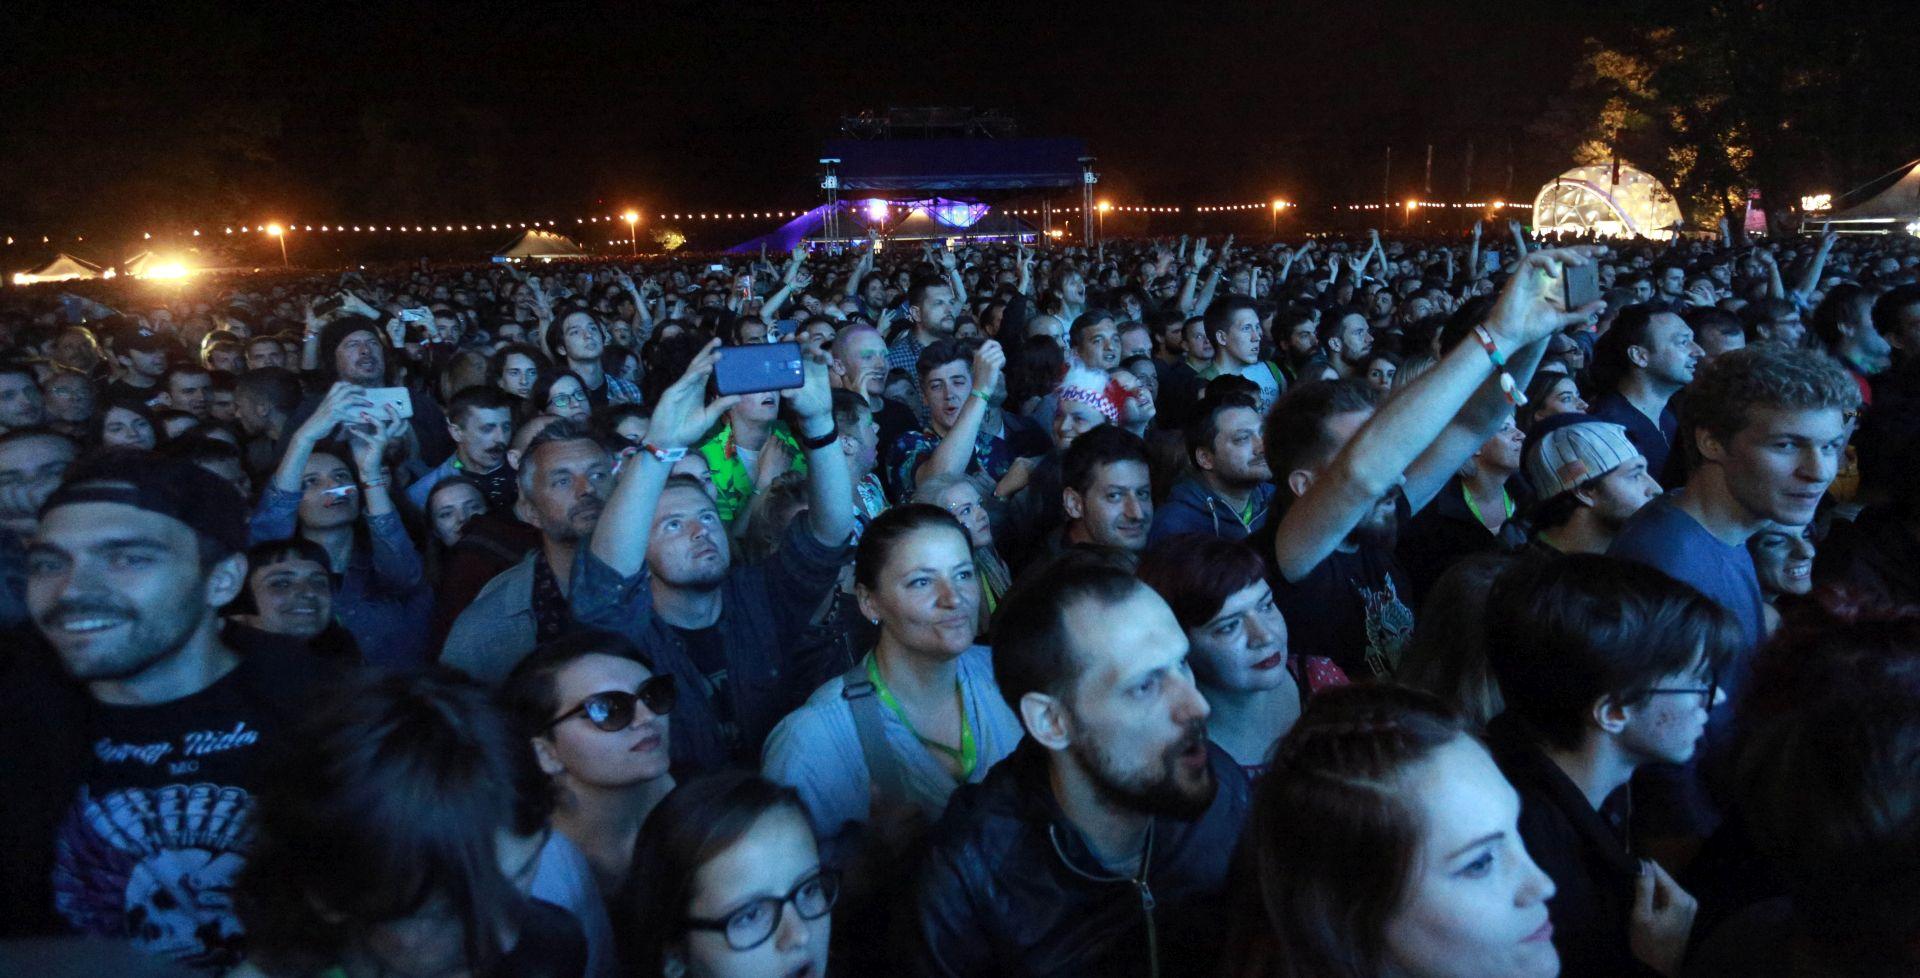 Završio 13. INmusic festival, na Jarunu oko 100 tisuća posjetitelja